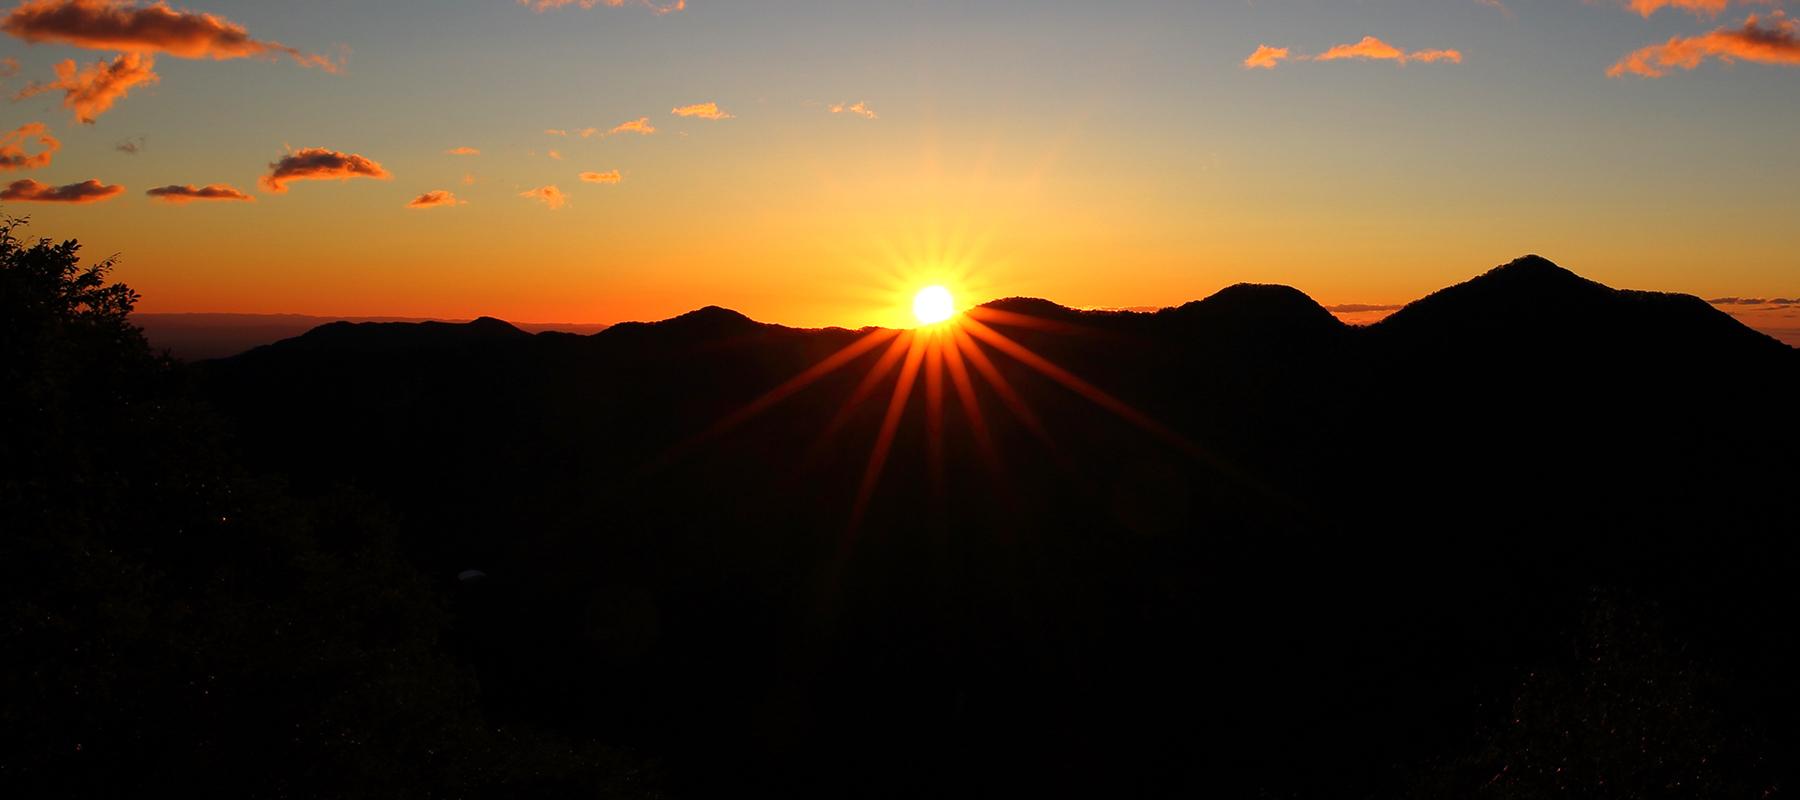 December 15: The Promise of Light